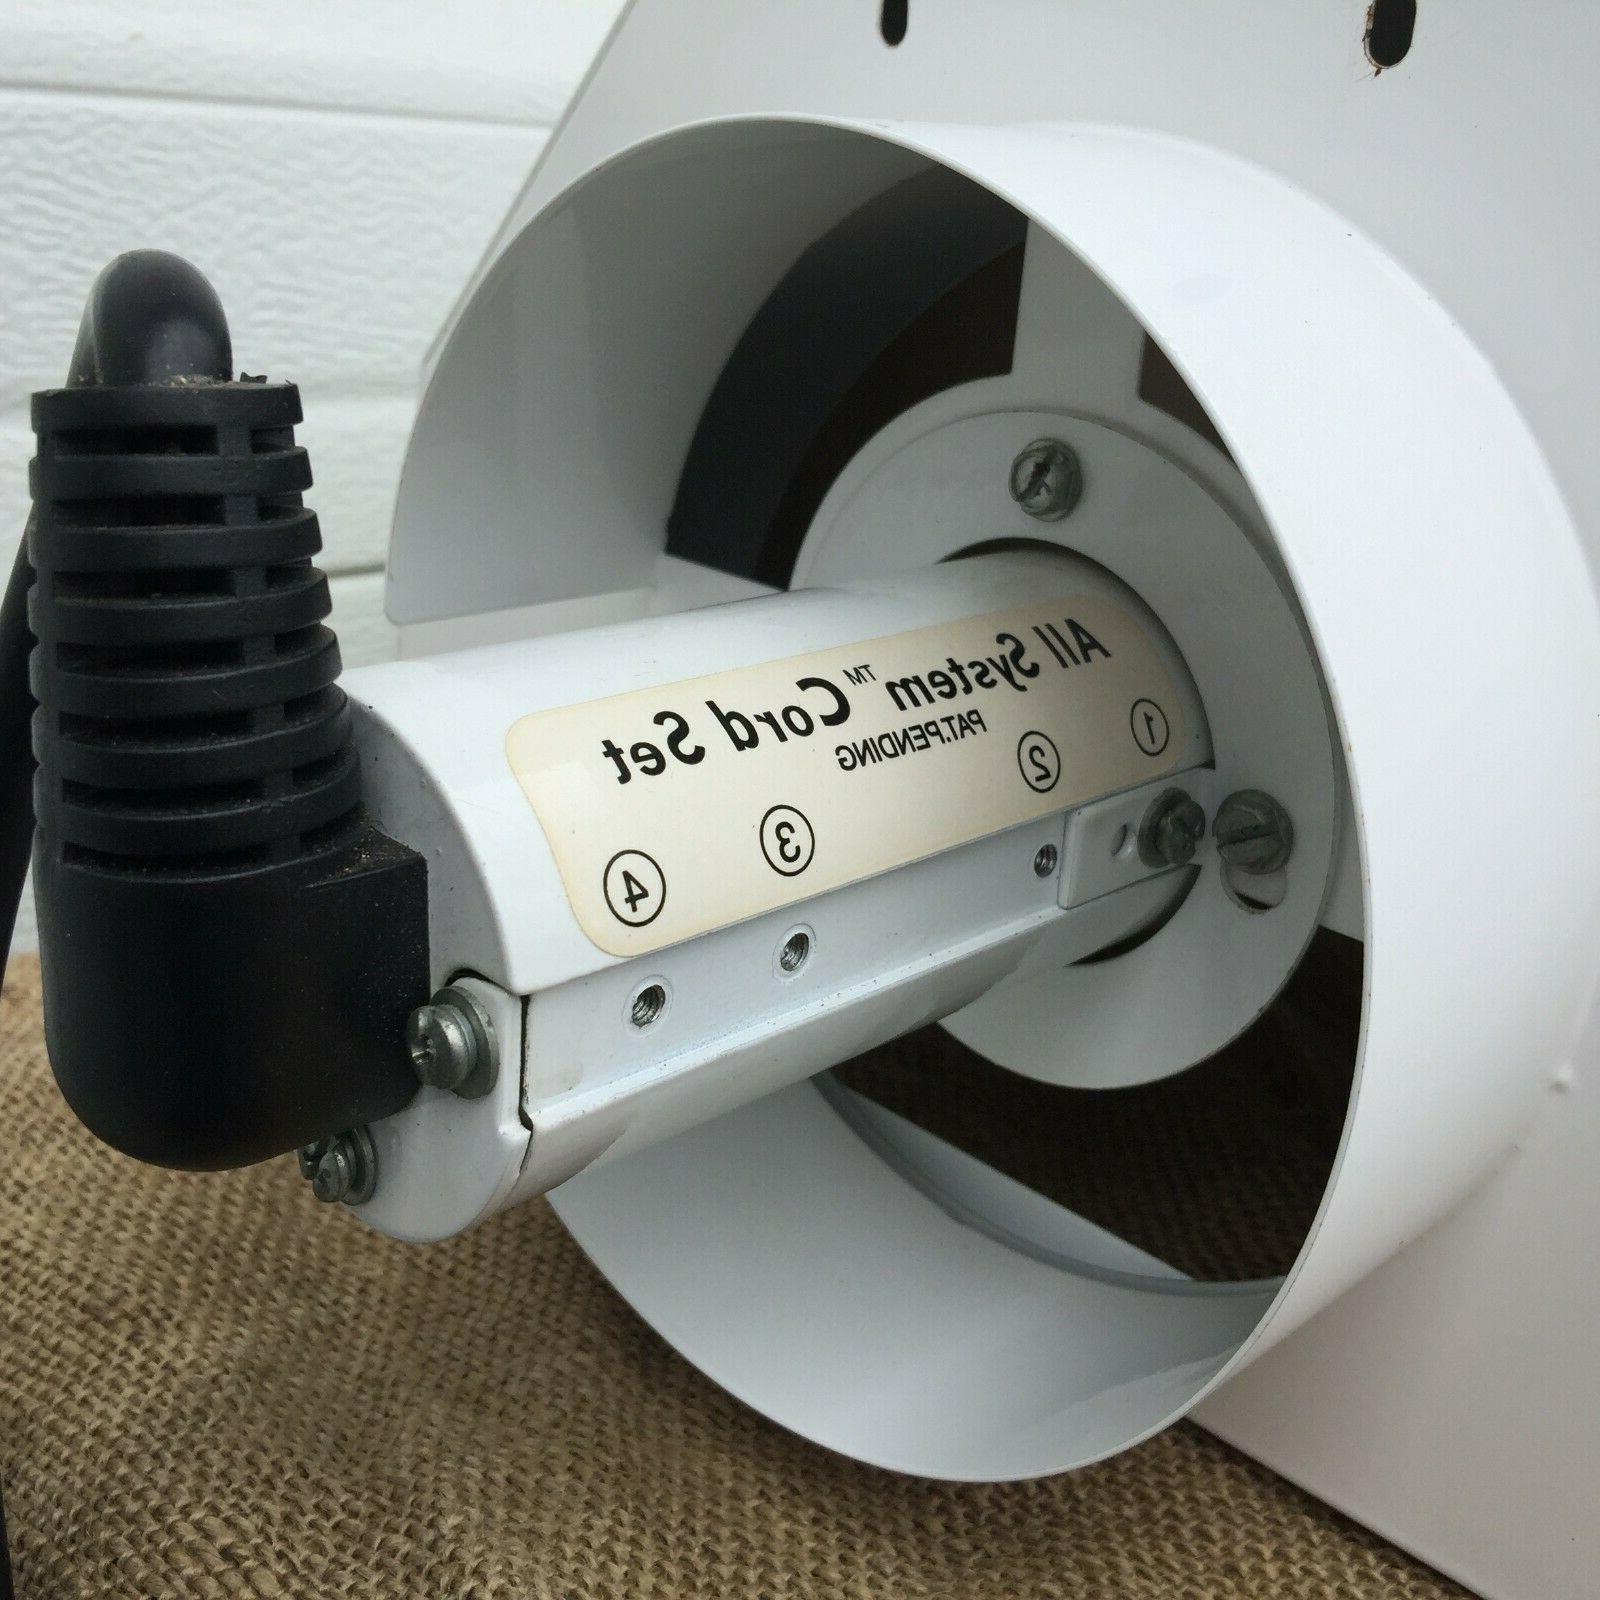 Hydrofarm Luminaire Air Hood Reflector Lite